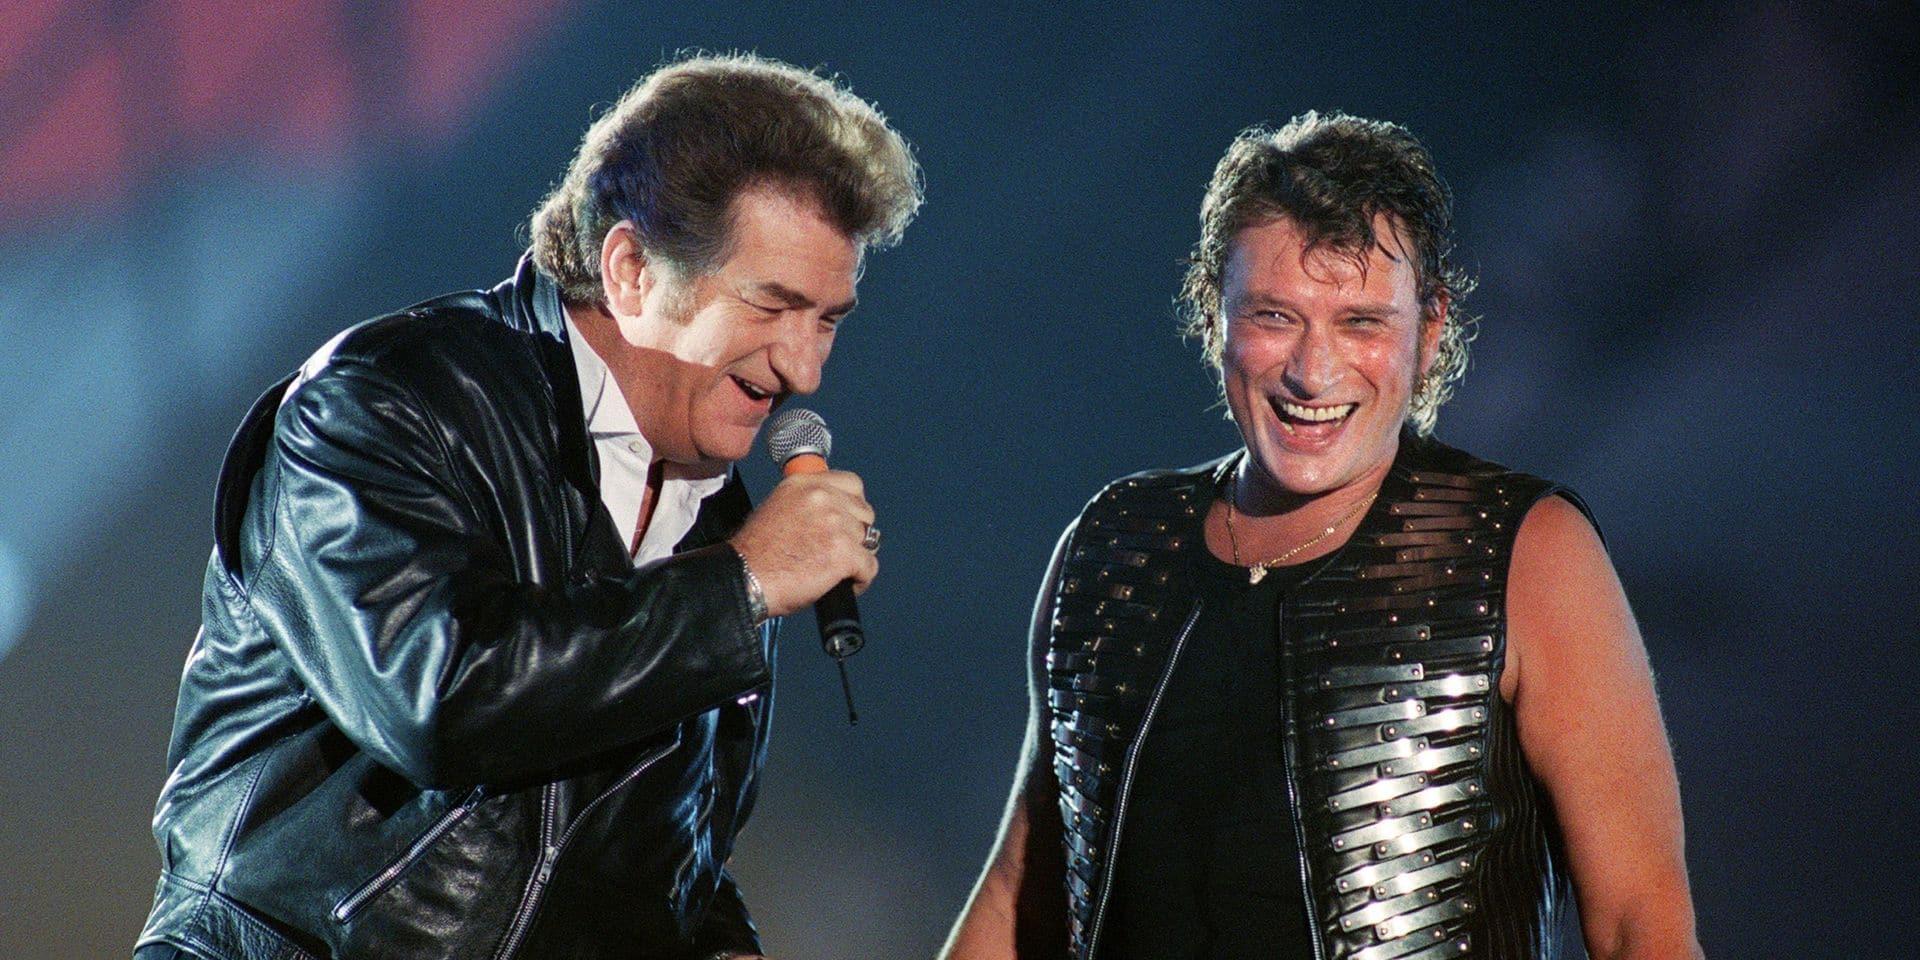 """La guitare de Johnny ou """"30.000 dollars partis en fumée"""", la coke et la nouvelle génération... Les confidences d'Eddy Mitchell"""